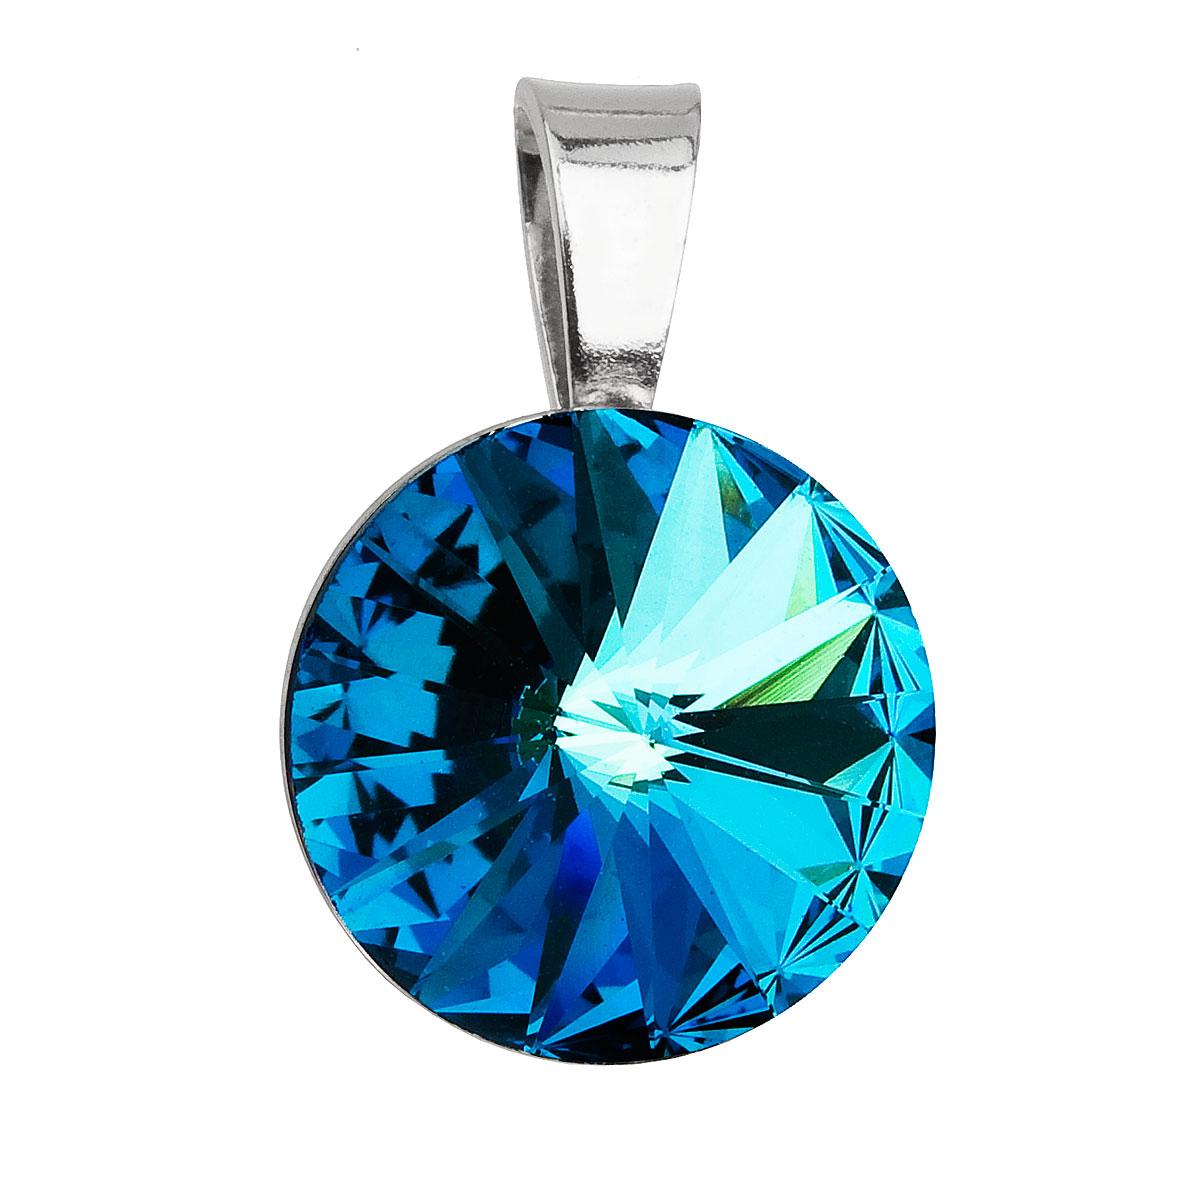 Evolution Group Stříbrný přívěsek s krystaly Swarovski modrý kulatý-rivoli 34112.5 bermuda blue